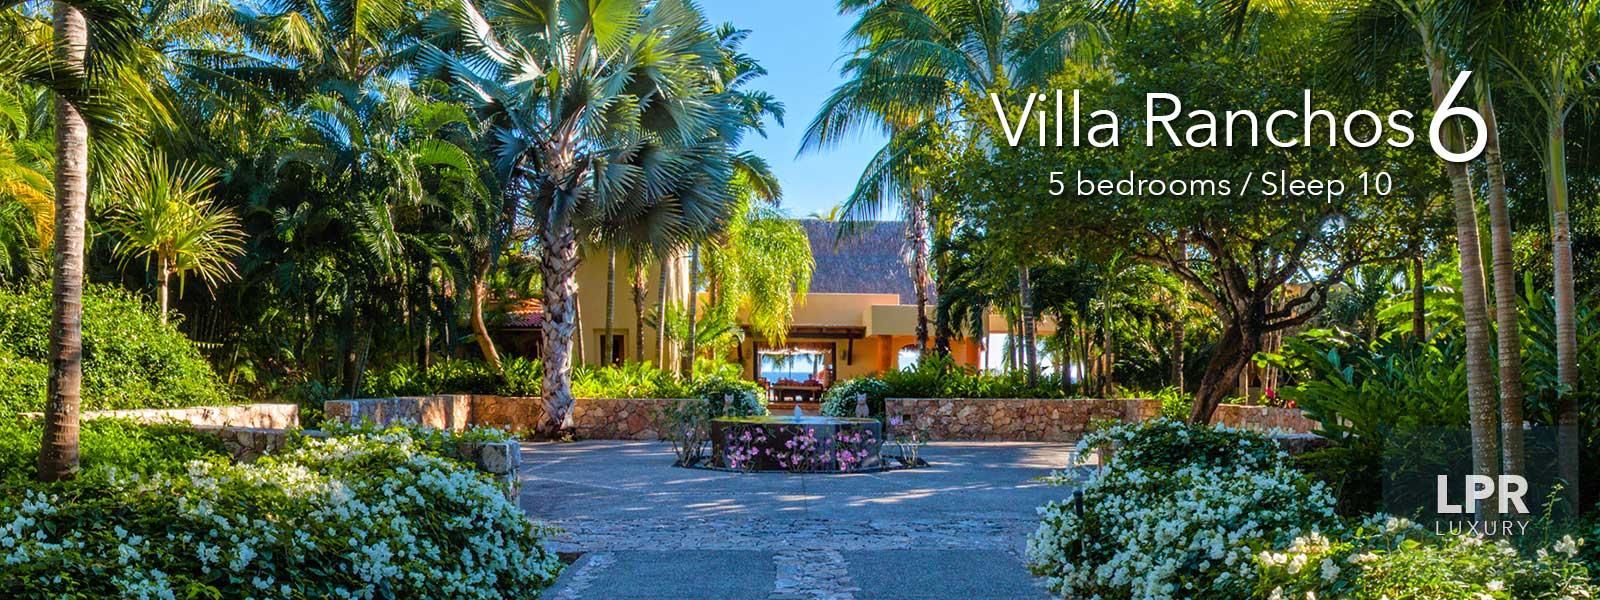 Villa Ranchos 6 - Luxury Punta Mita Resort Vacation Rentals - Riviera Nayarit, Mexico